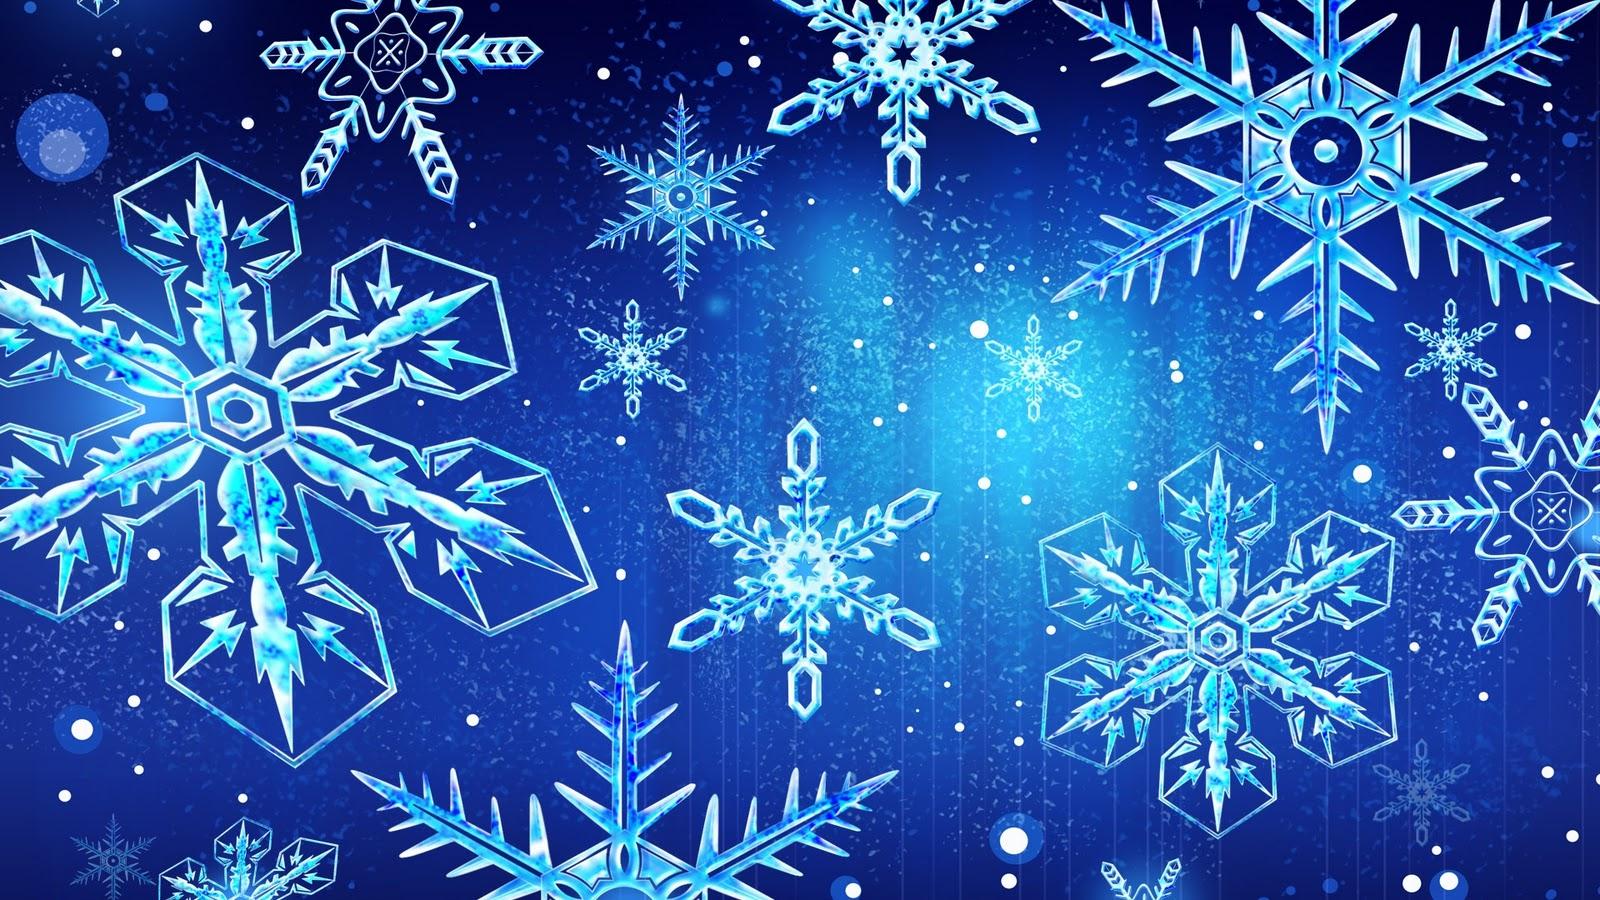 Božić Slike Božić Wallpapers Božić Pozadine Besplatne Pozadinske Slike Za Va E Računalo